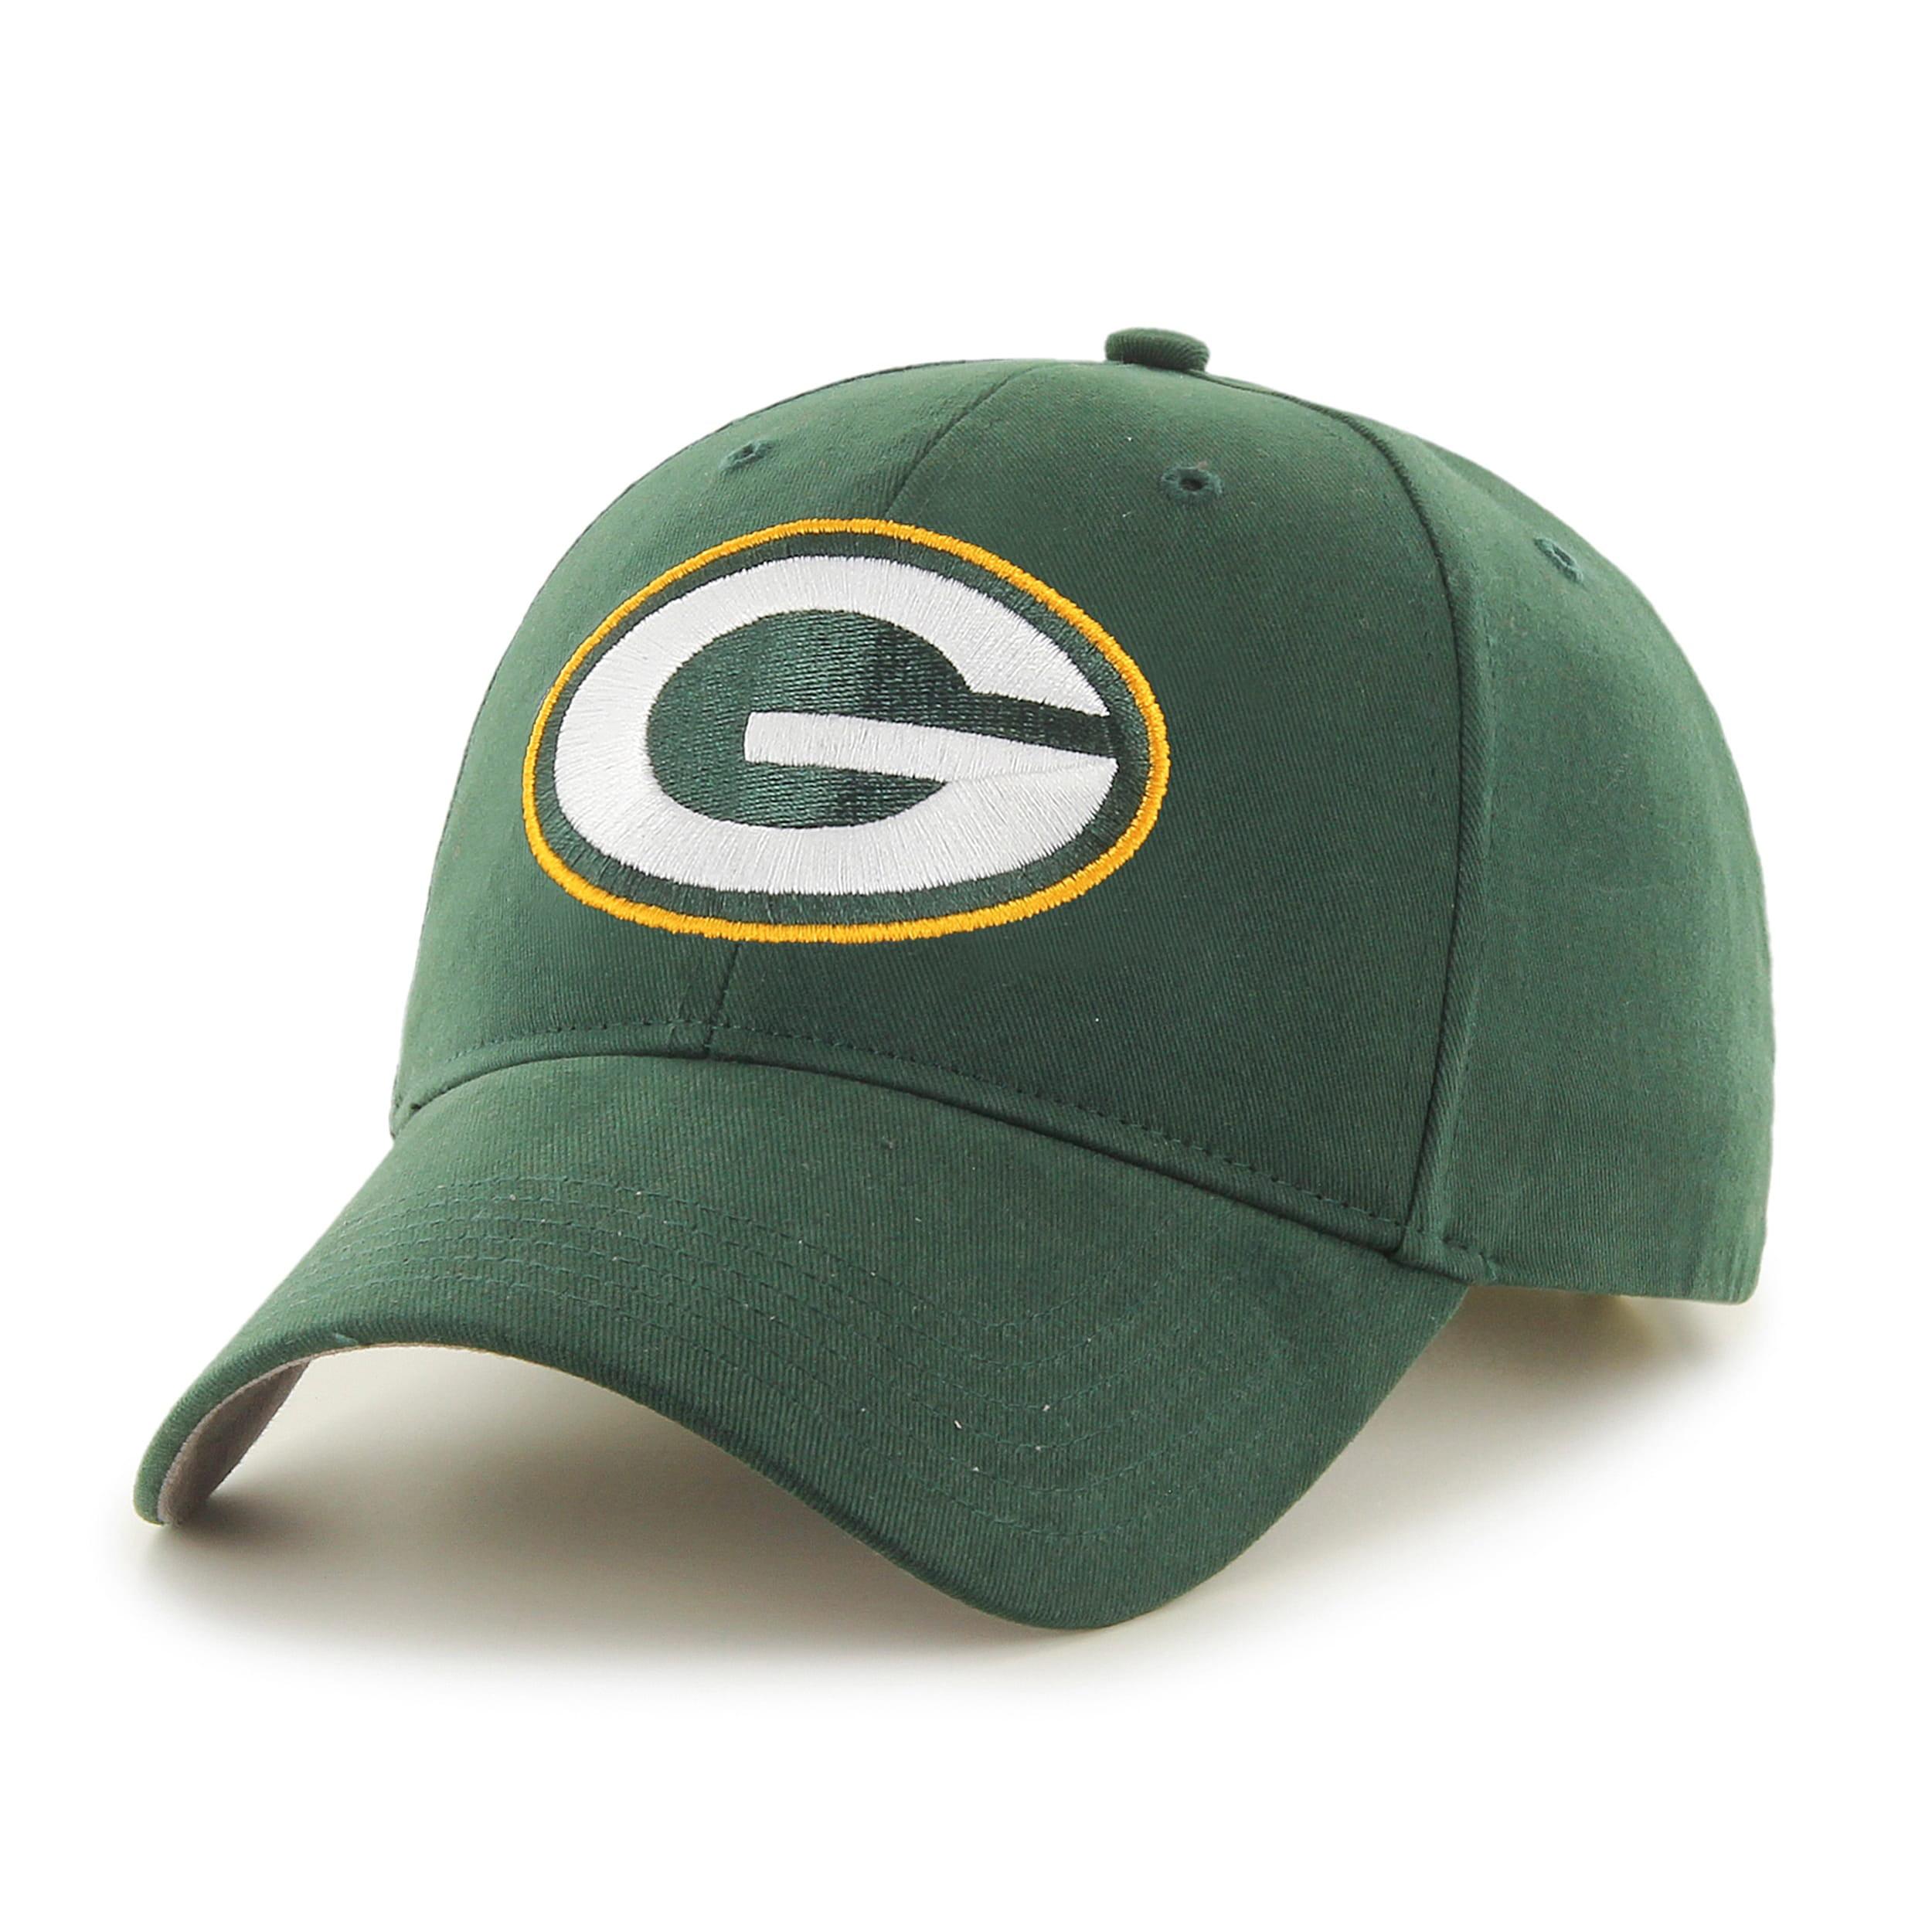 0d4b249124eee NFL Fan Shop - Walmart.com